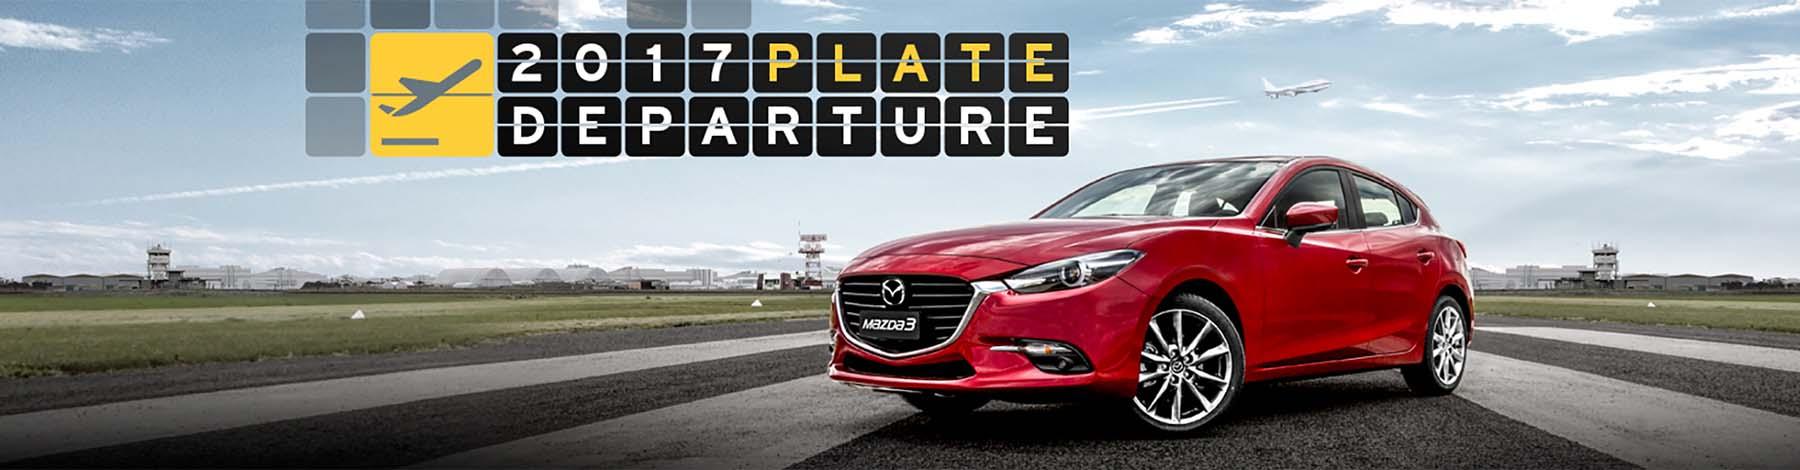 Mazda Nov Offers